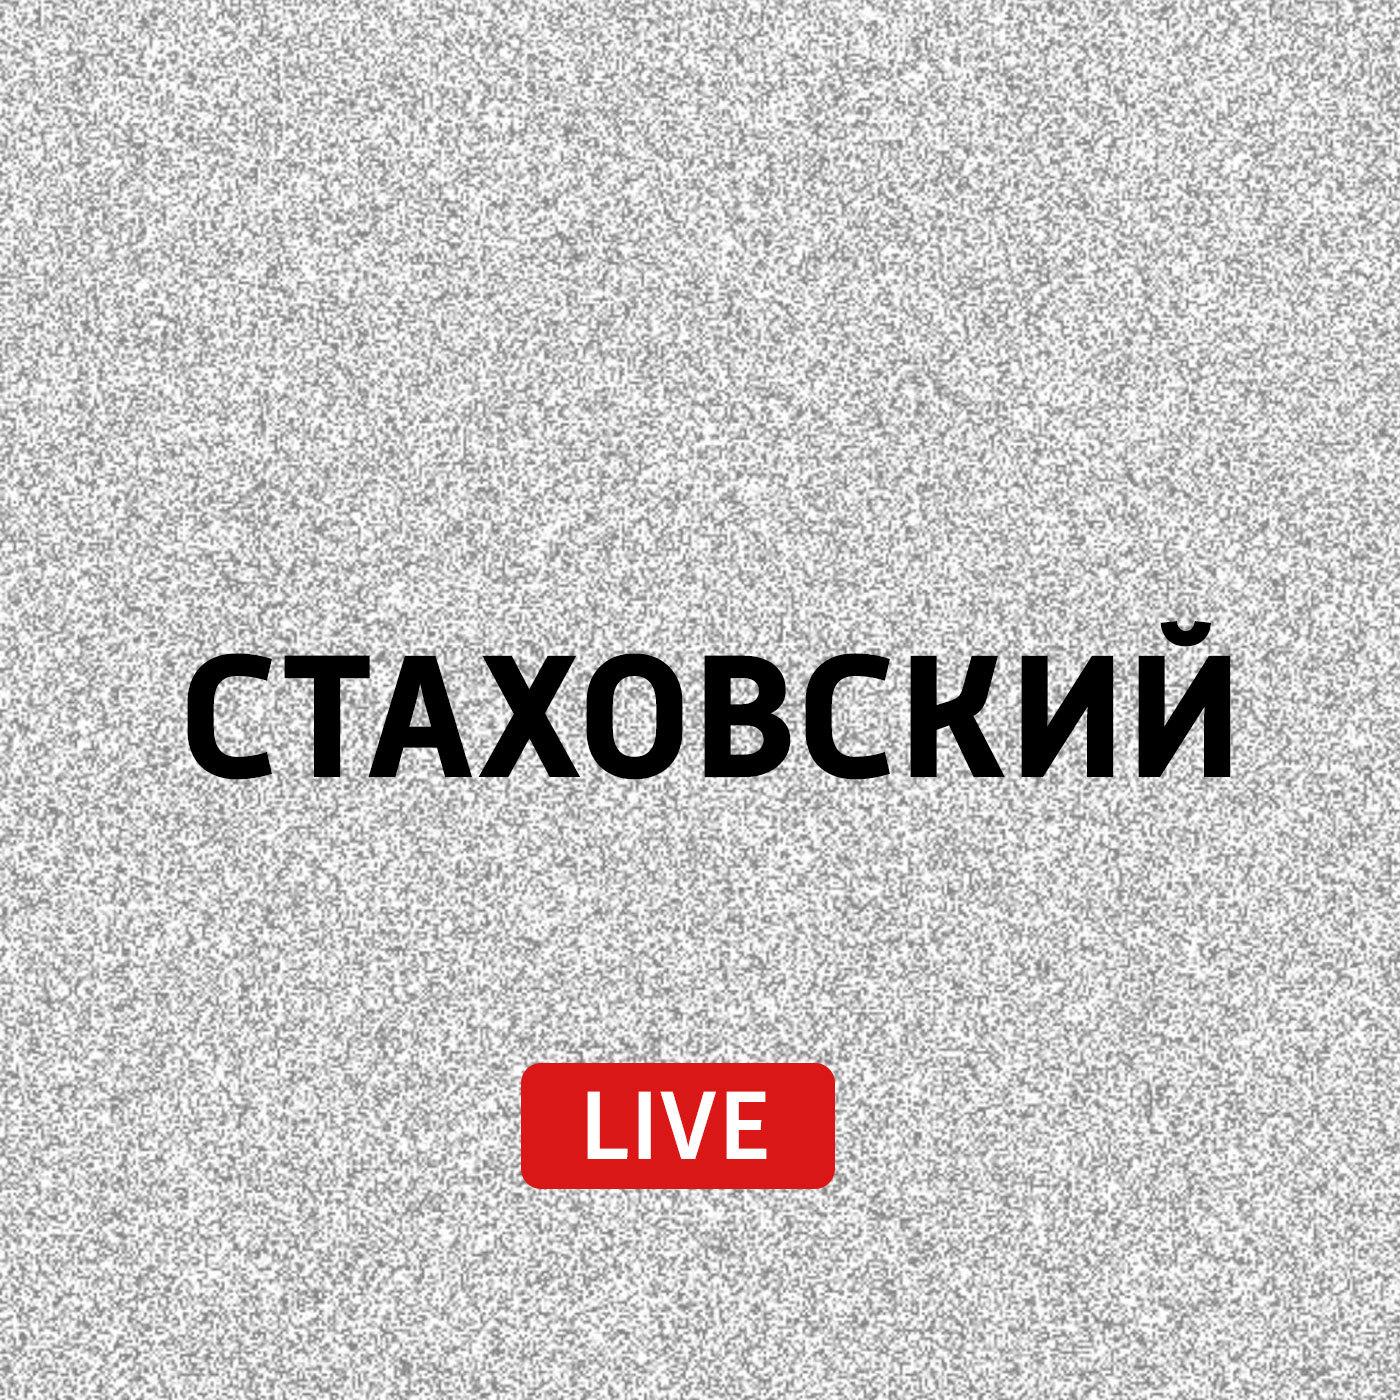 Евгений Стаховский О неудачных днях и Жан-Поле Сартре 150 самых неудачных автомобилей